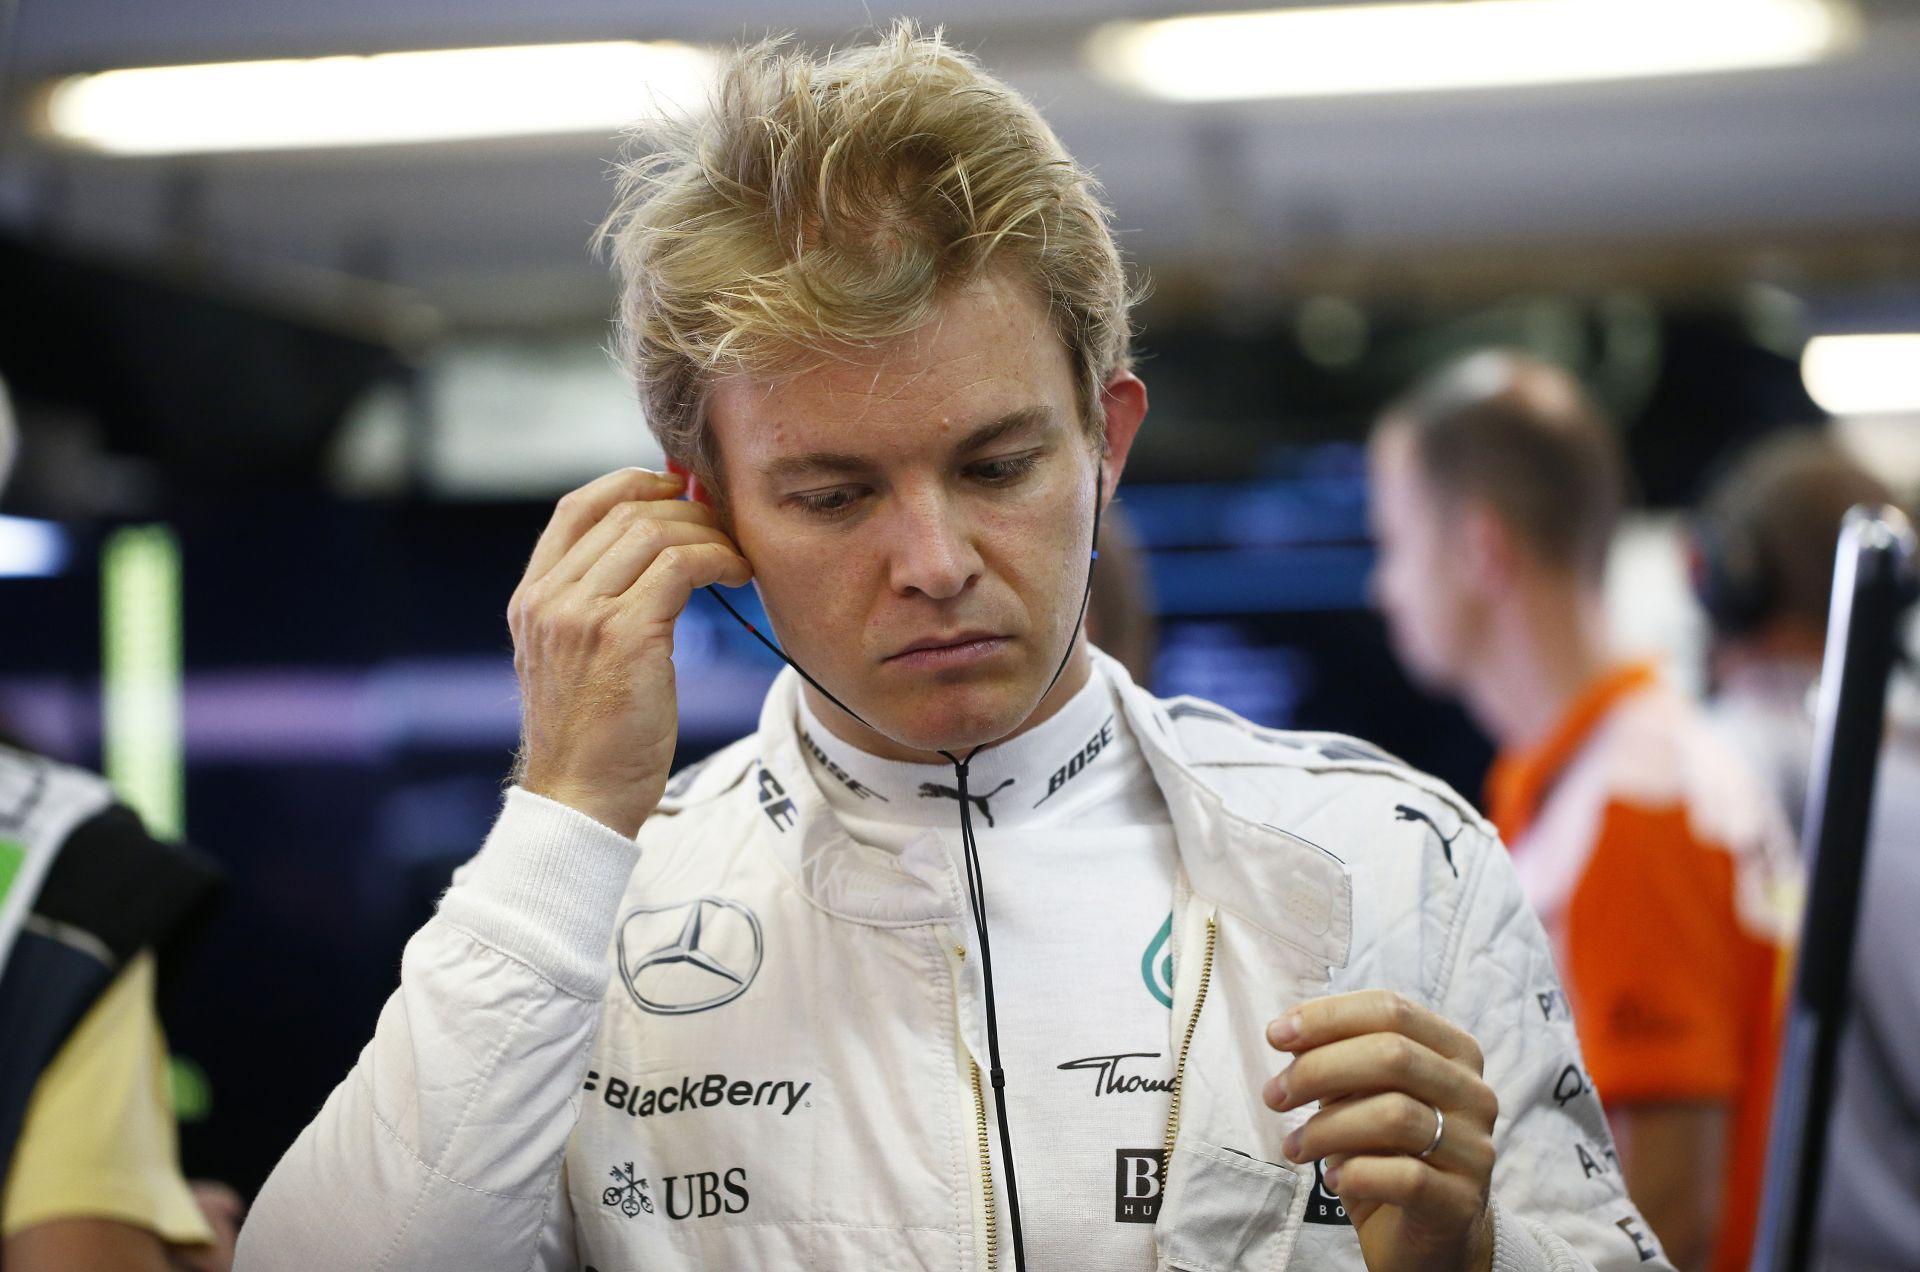 Pontosan emiatt nem lesz soha világbajnok Rosberg…